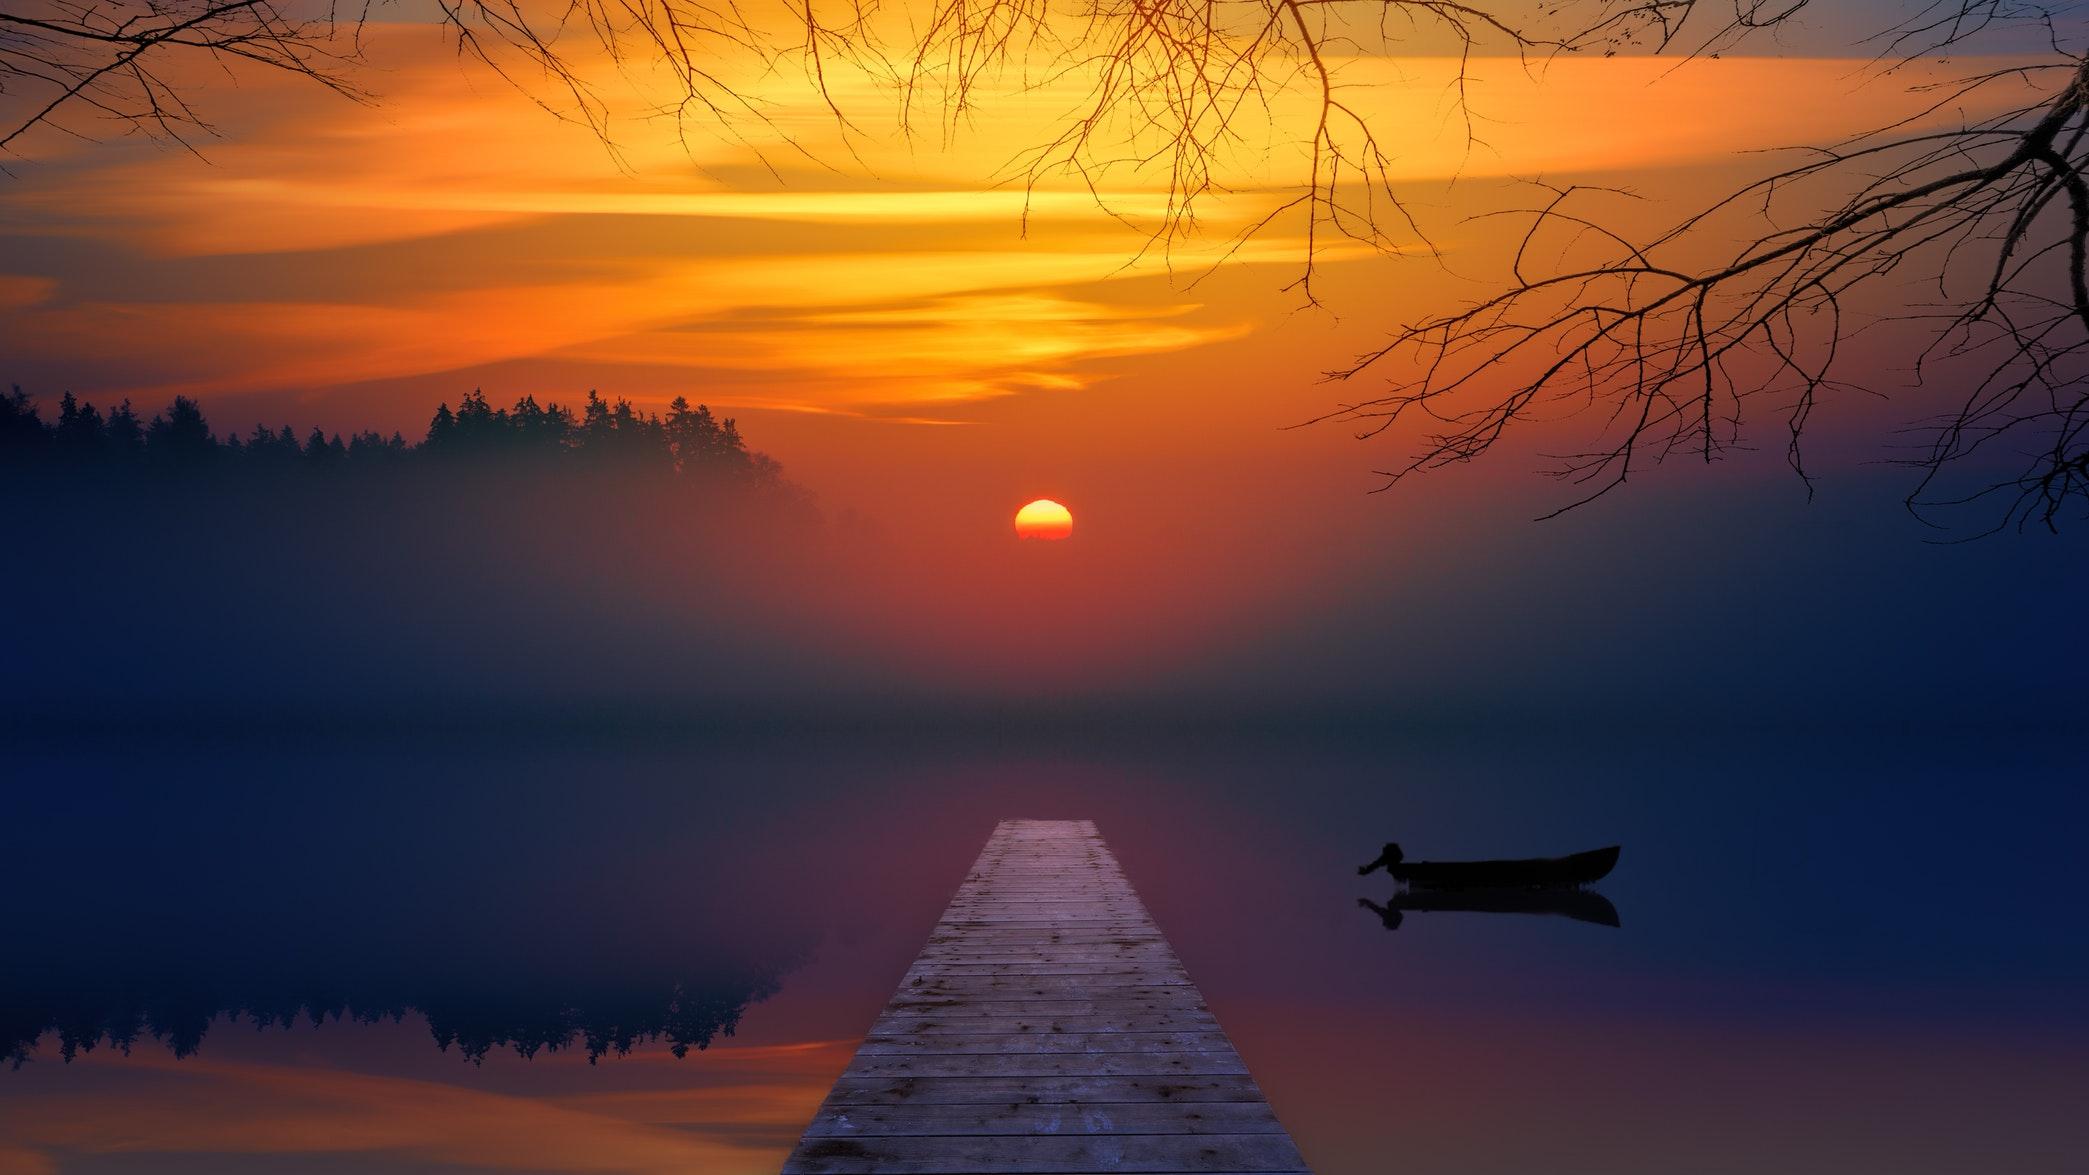 El ser humano tiene una parte física, una espiritual, una que es fitrah y una que es Luz. La Luz puede iluminar a todas las demás